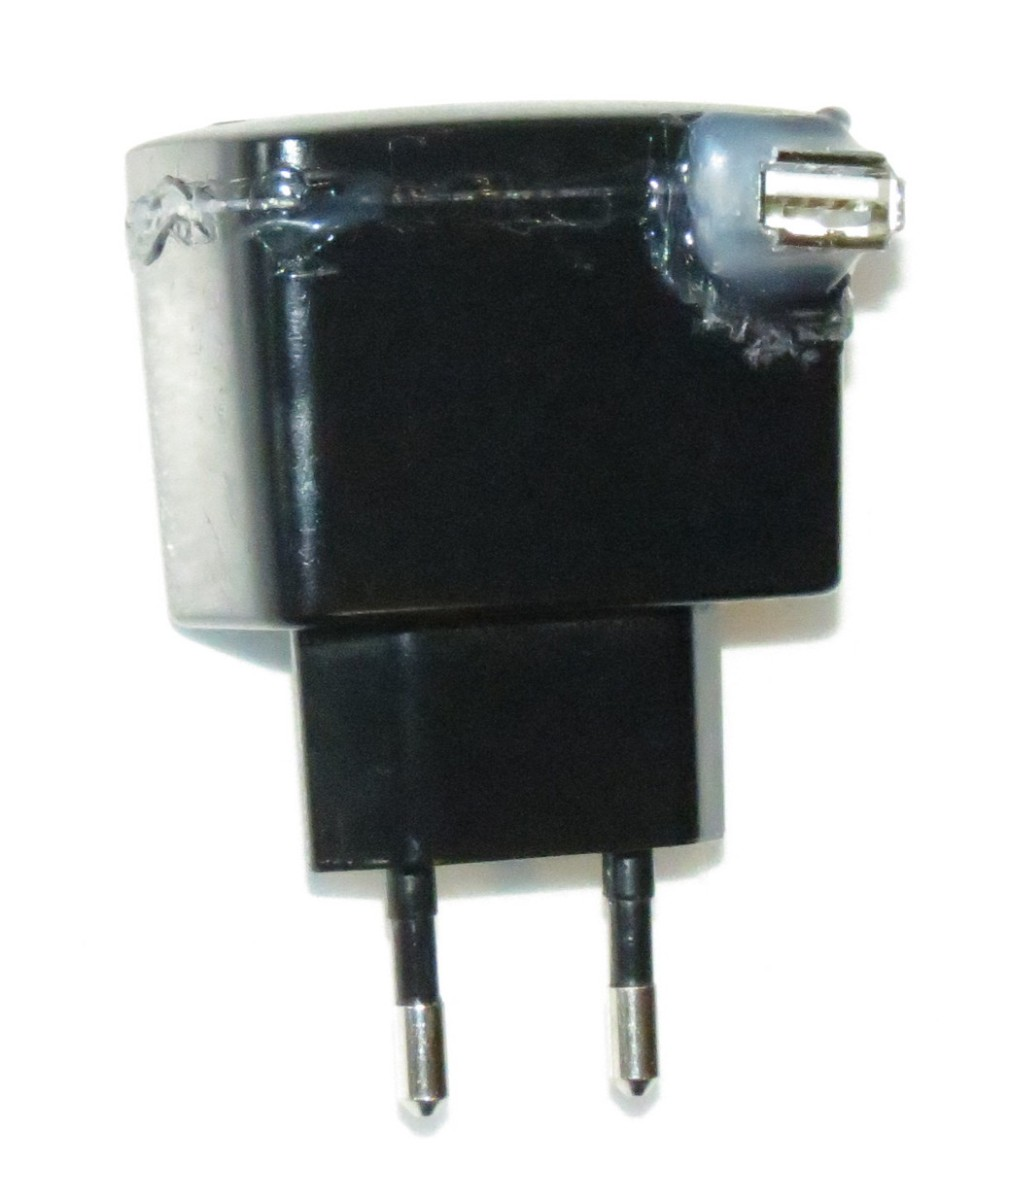 Convierte un cargador de teléfono móvil (o celular) viejo en un cargador USB